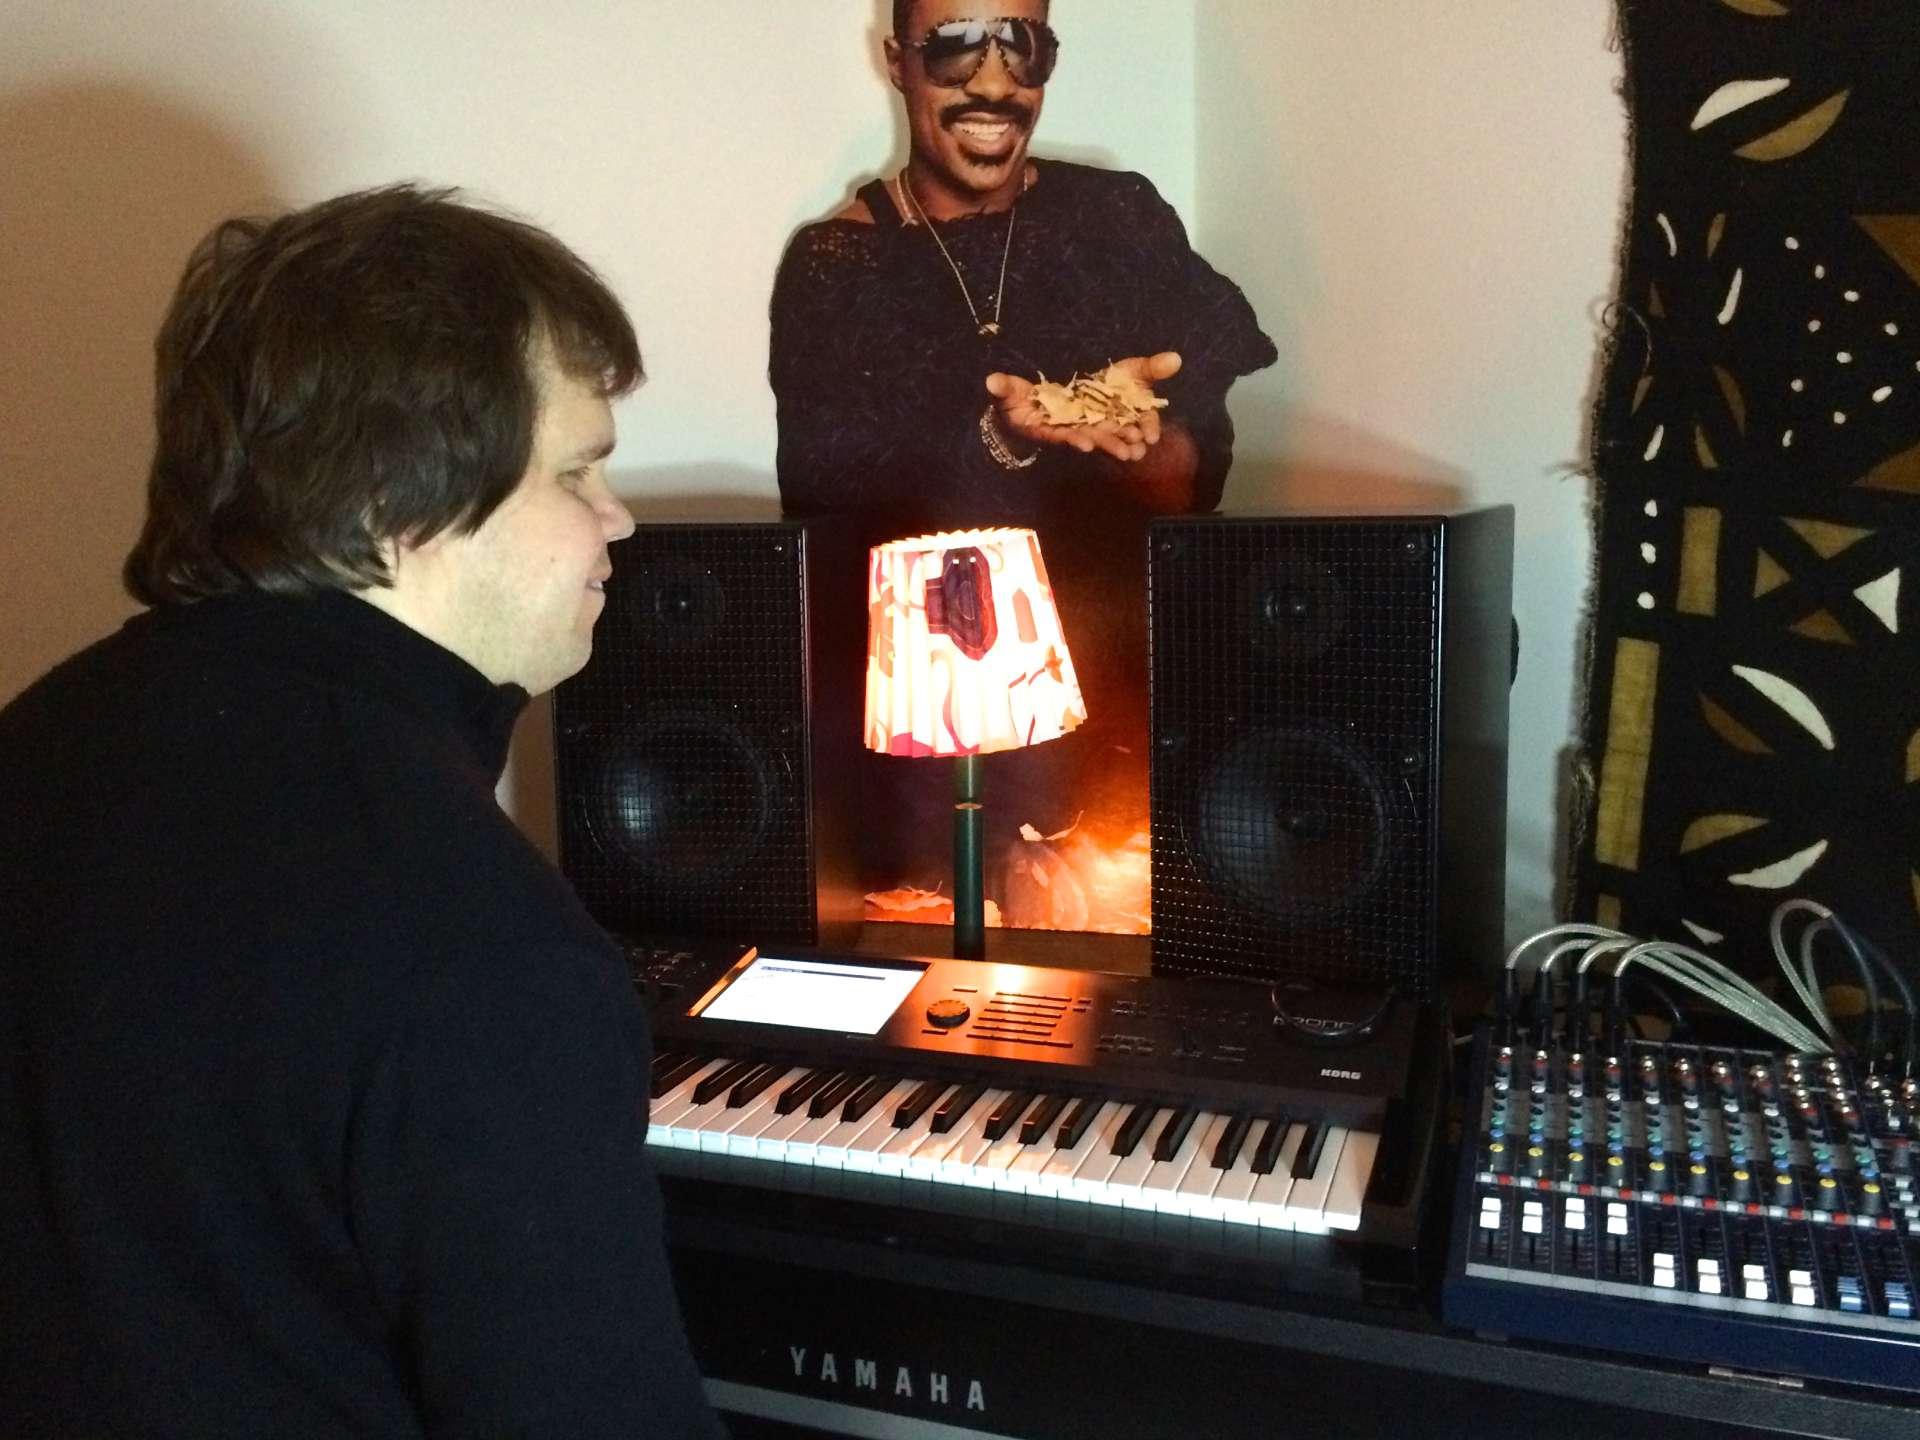 I studion hos pianist/keyboardist Mats Öberg